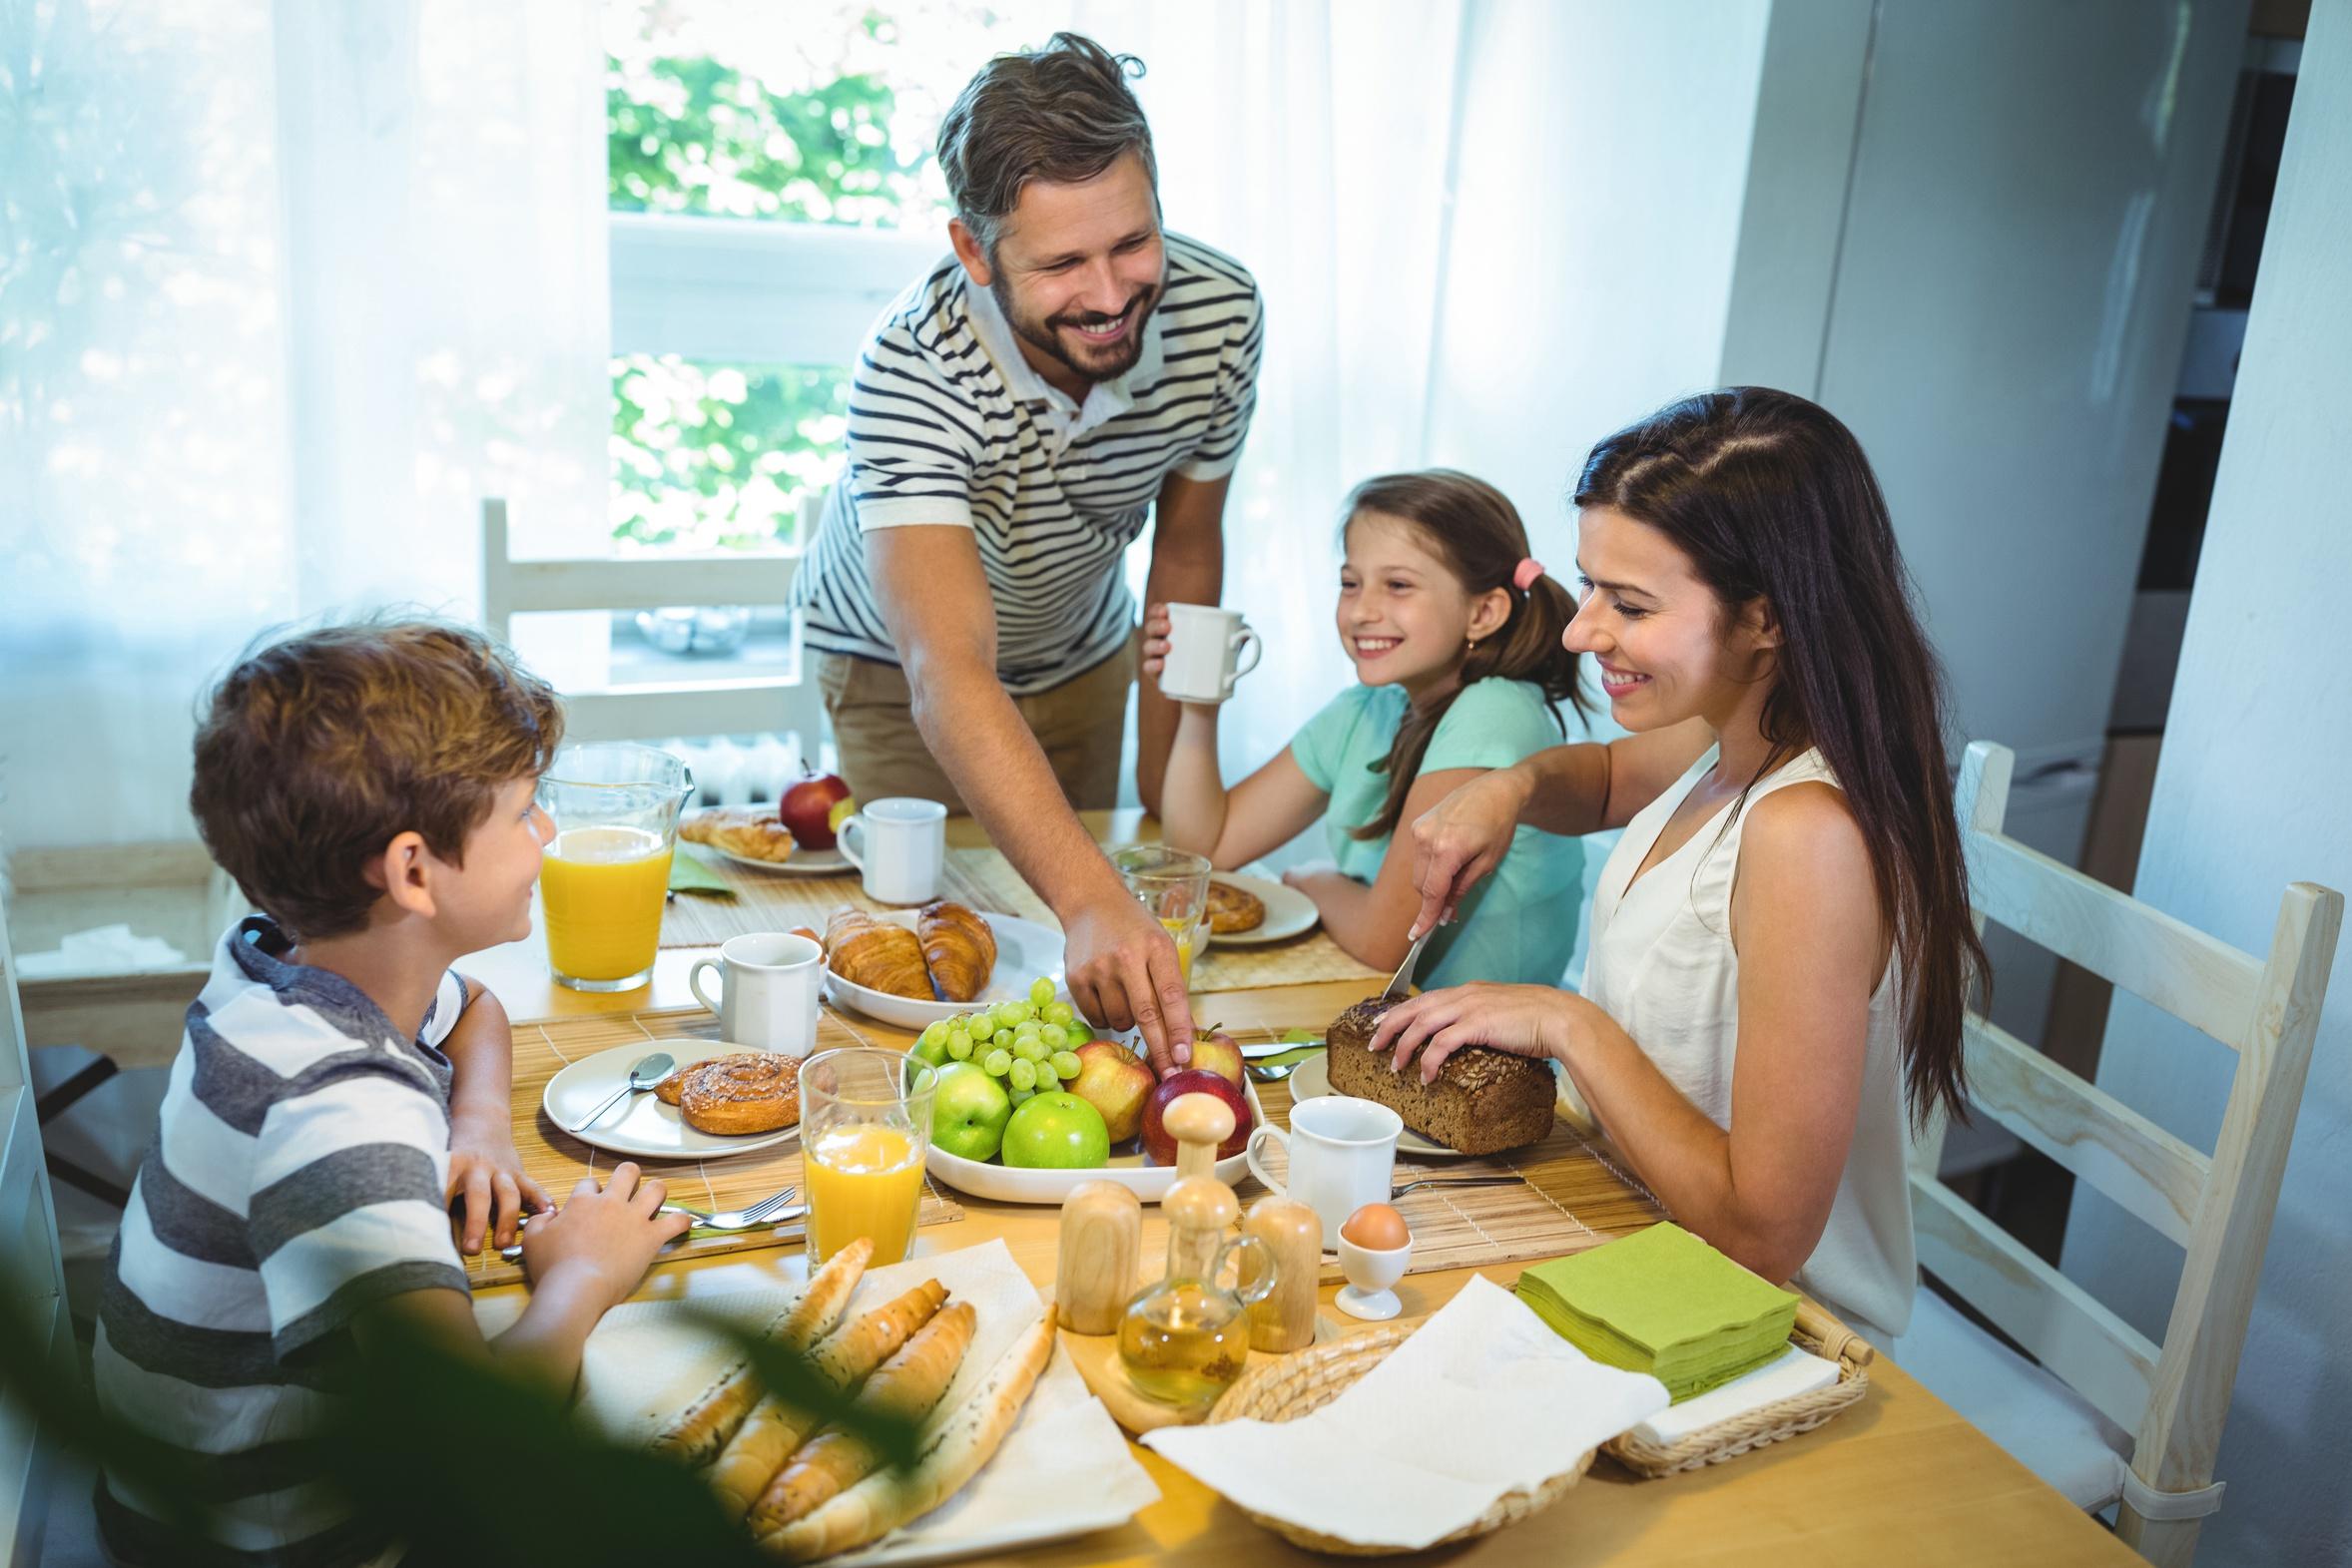 早餐對學齡兒童很重要 聽聽專家怎麼說 | 健康 | 成績 | 大紀元